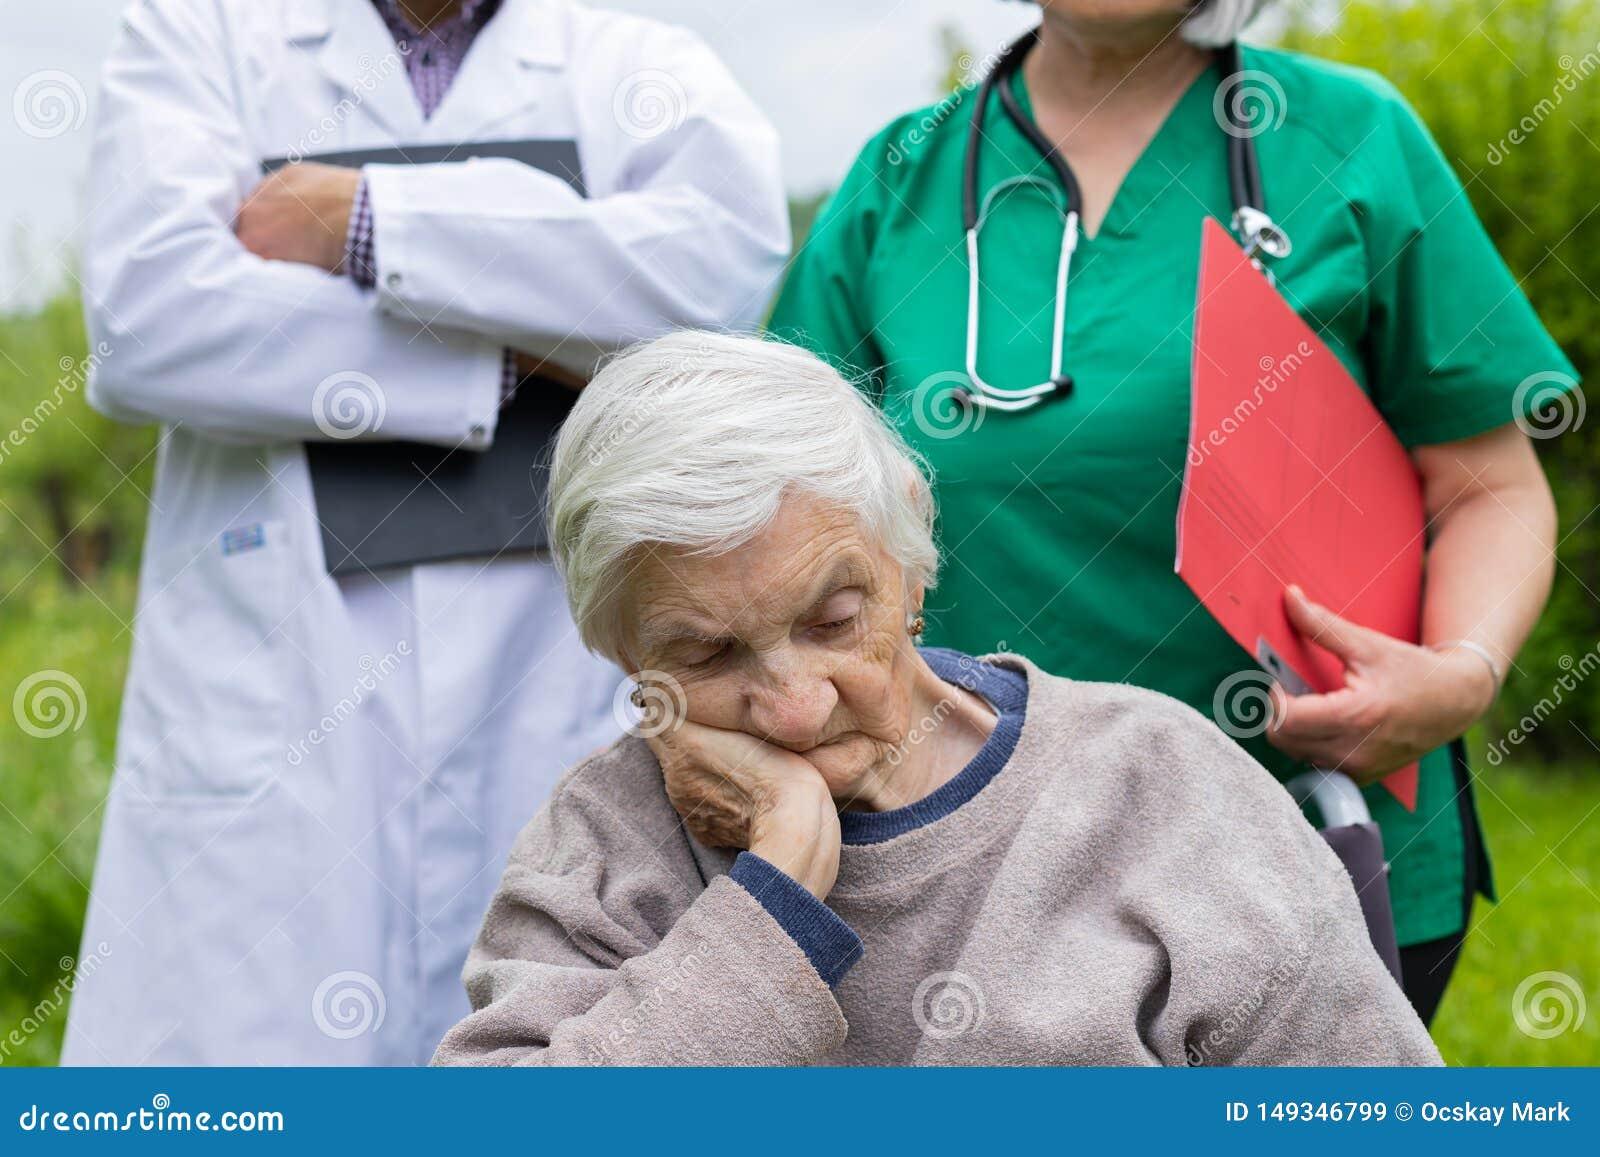 Retrato de la mujer mayor con enfermedad de la demencia